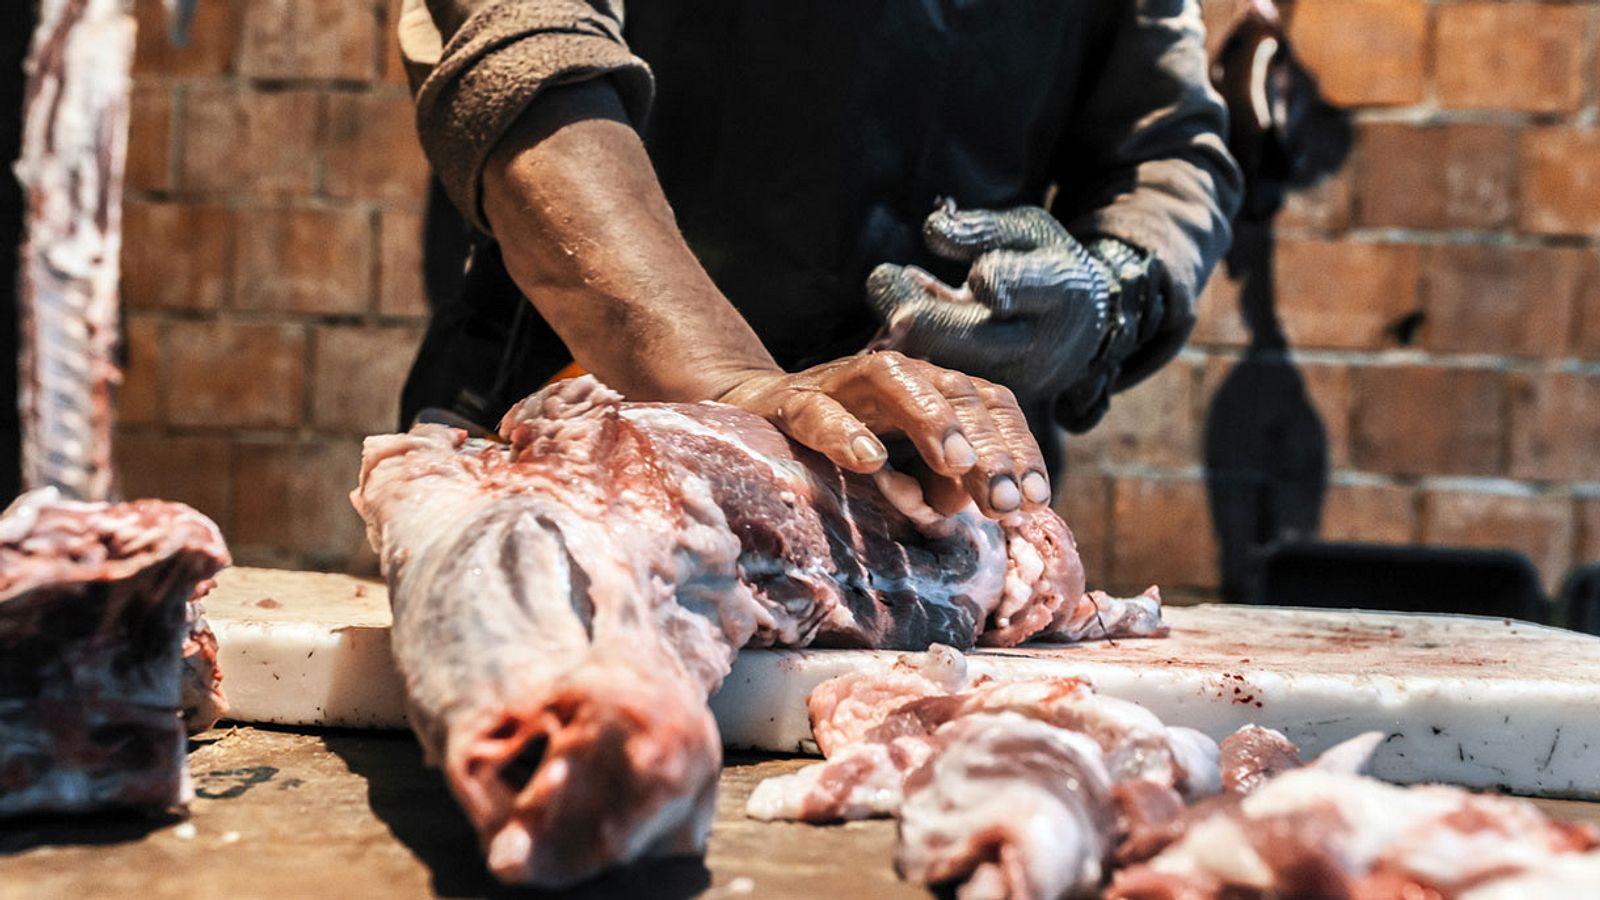 Veganer Küchenchef serviert ahnungslosen Kunden Menschenfleisch